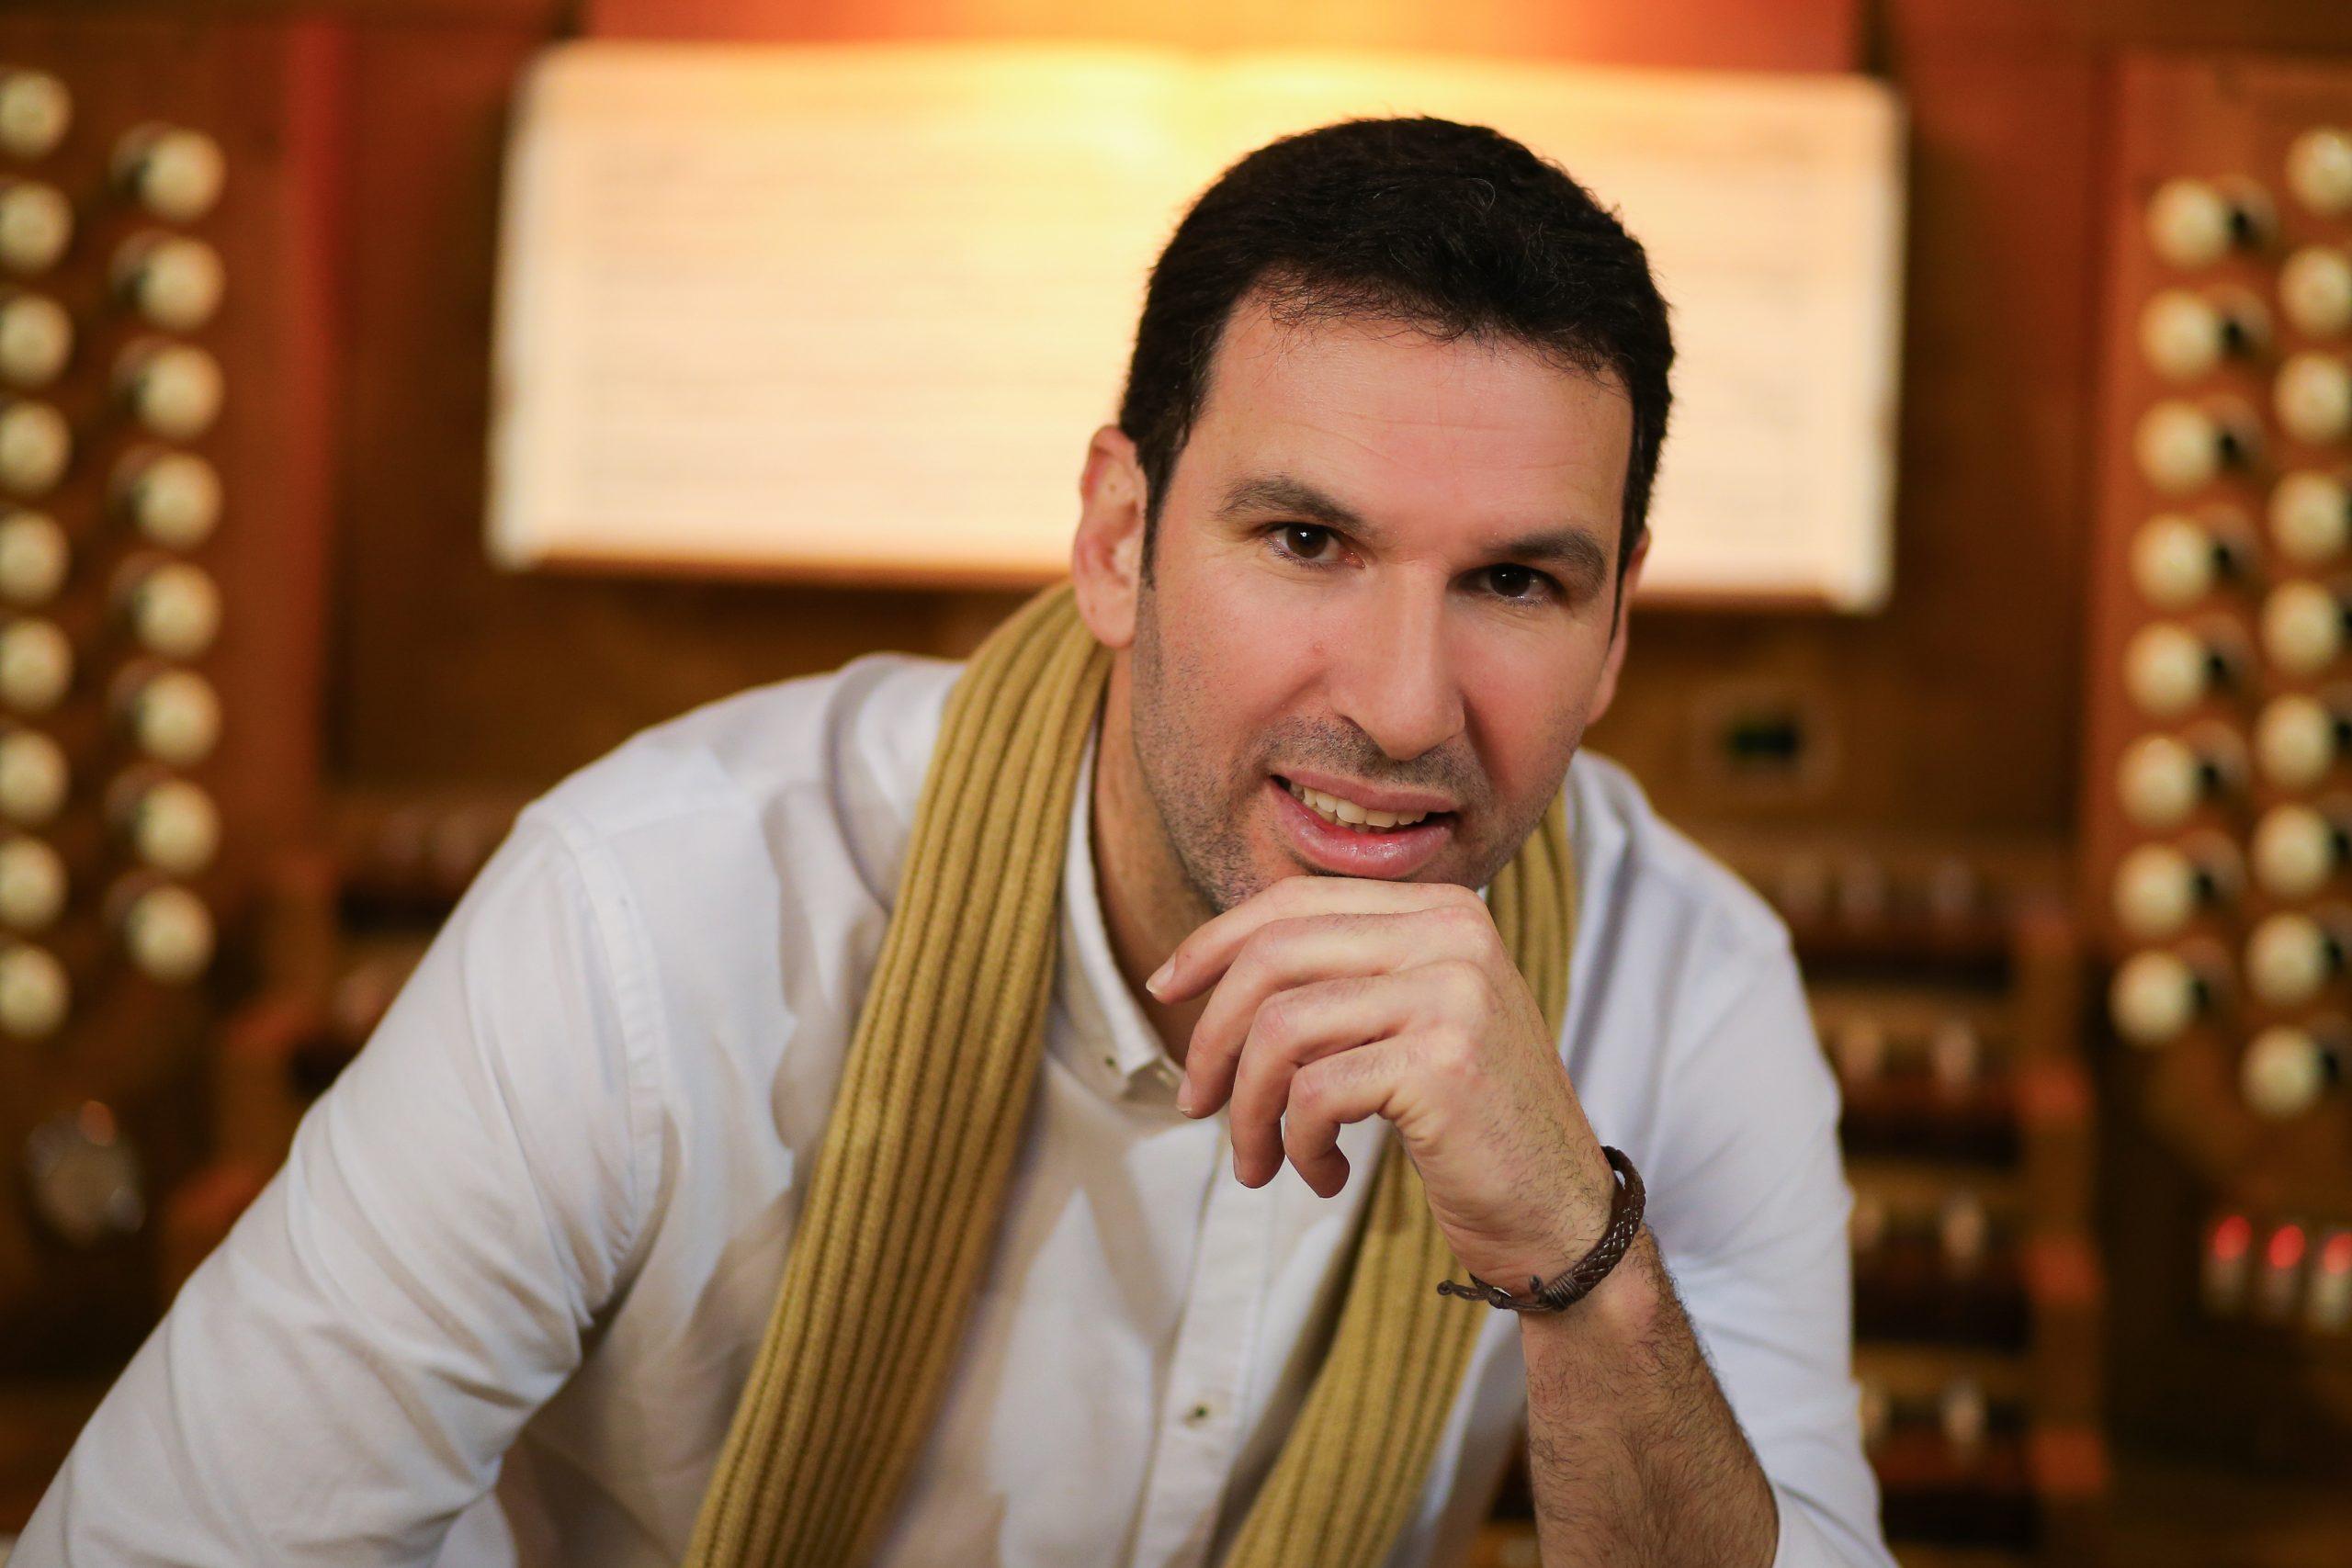 El organista internacional Arturo Barba ofrece un concierto en la iglesia de la Concepción en La Orotava